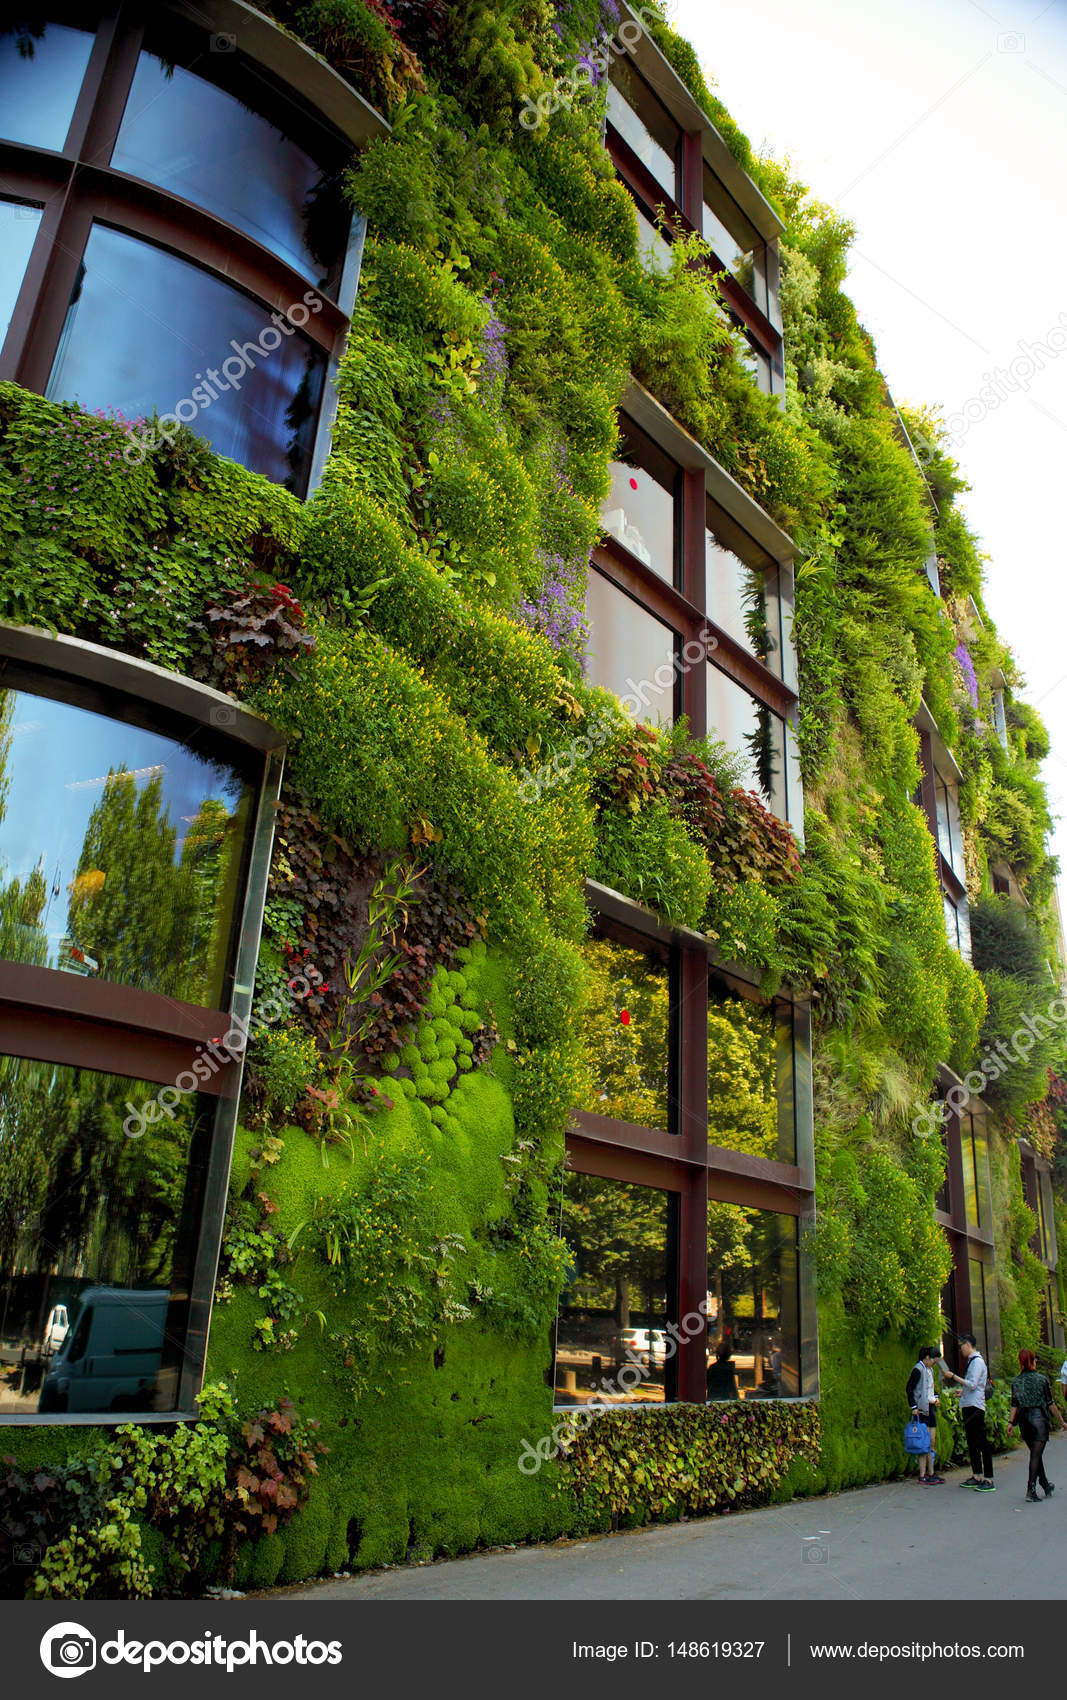 Wunderbar Haus Wand Bewachsen Mit Schönen Grünen Natur Design. Paris, Frankreich U2014  Foto Von Fenixlive